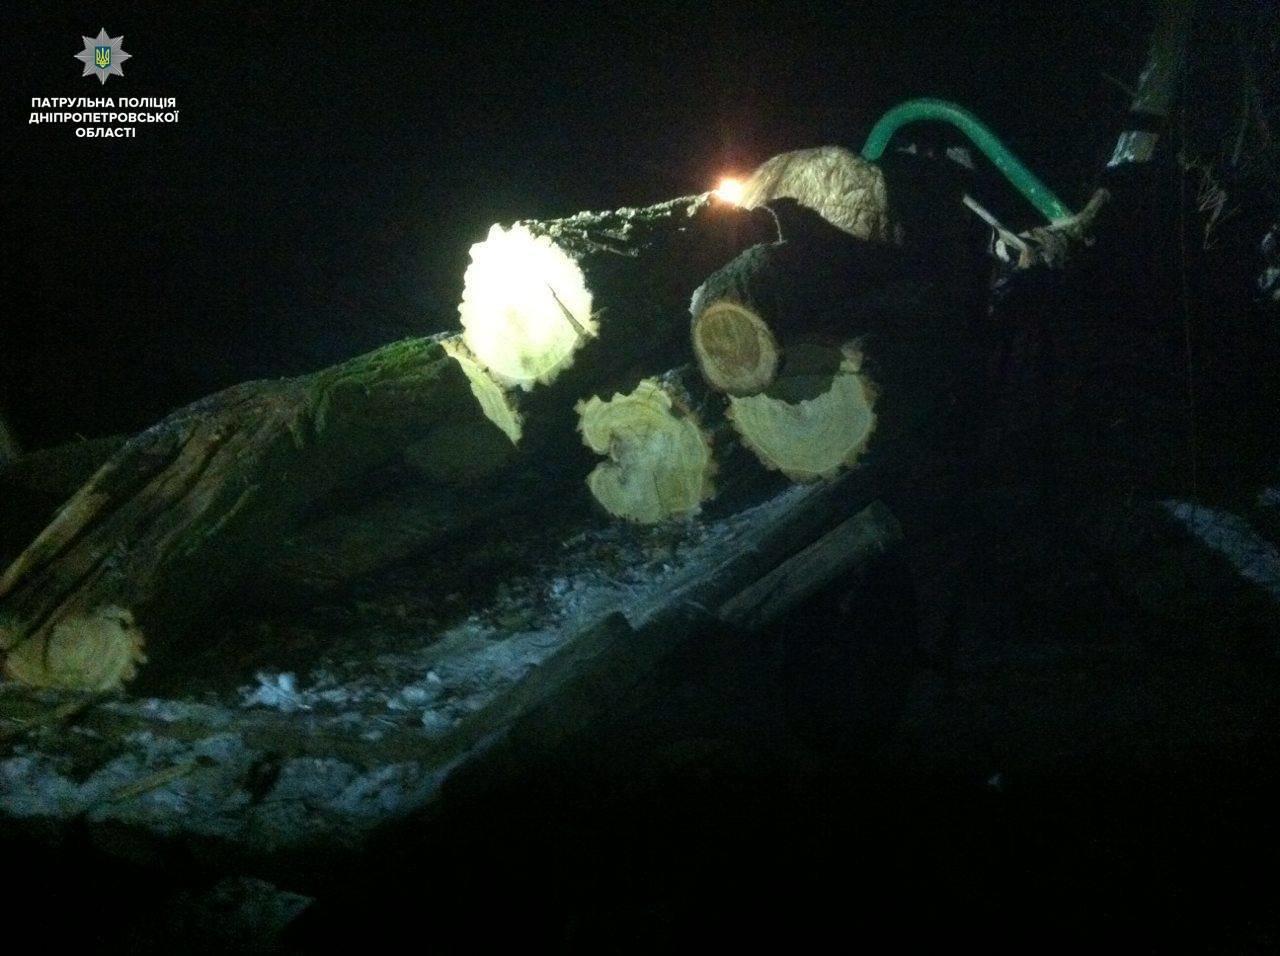 Под Днепром патрульные остановили незаконную вырубку леса (ФОТО), фото-3